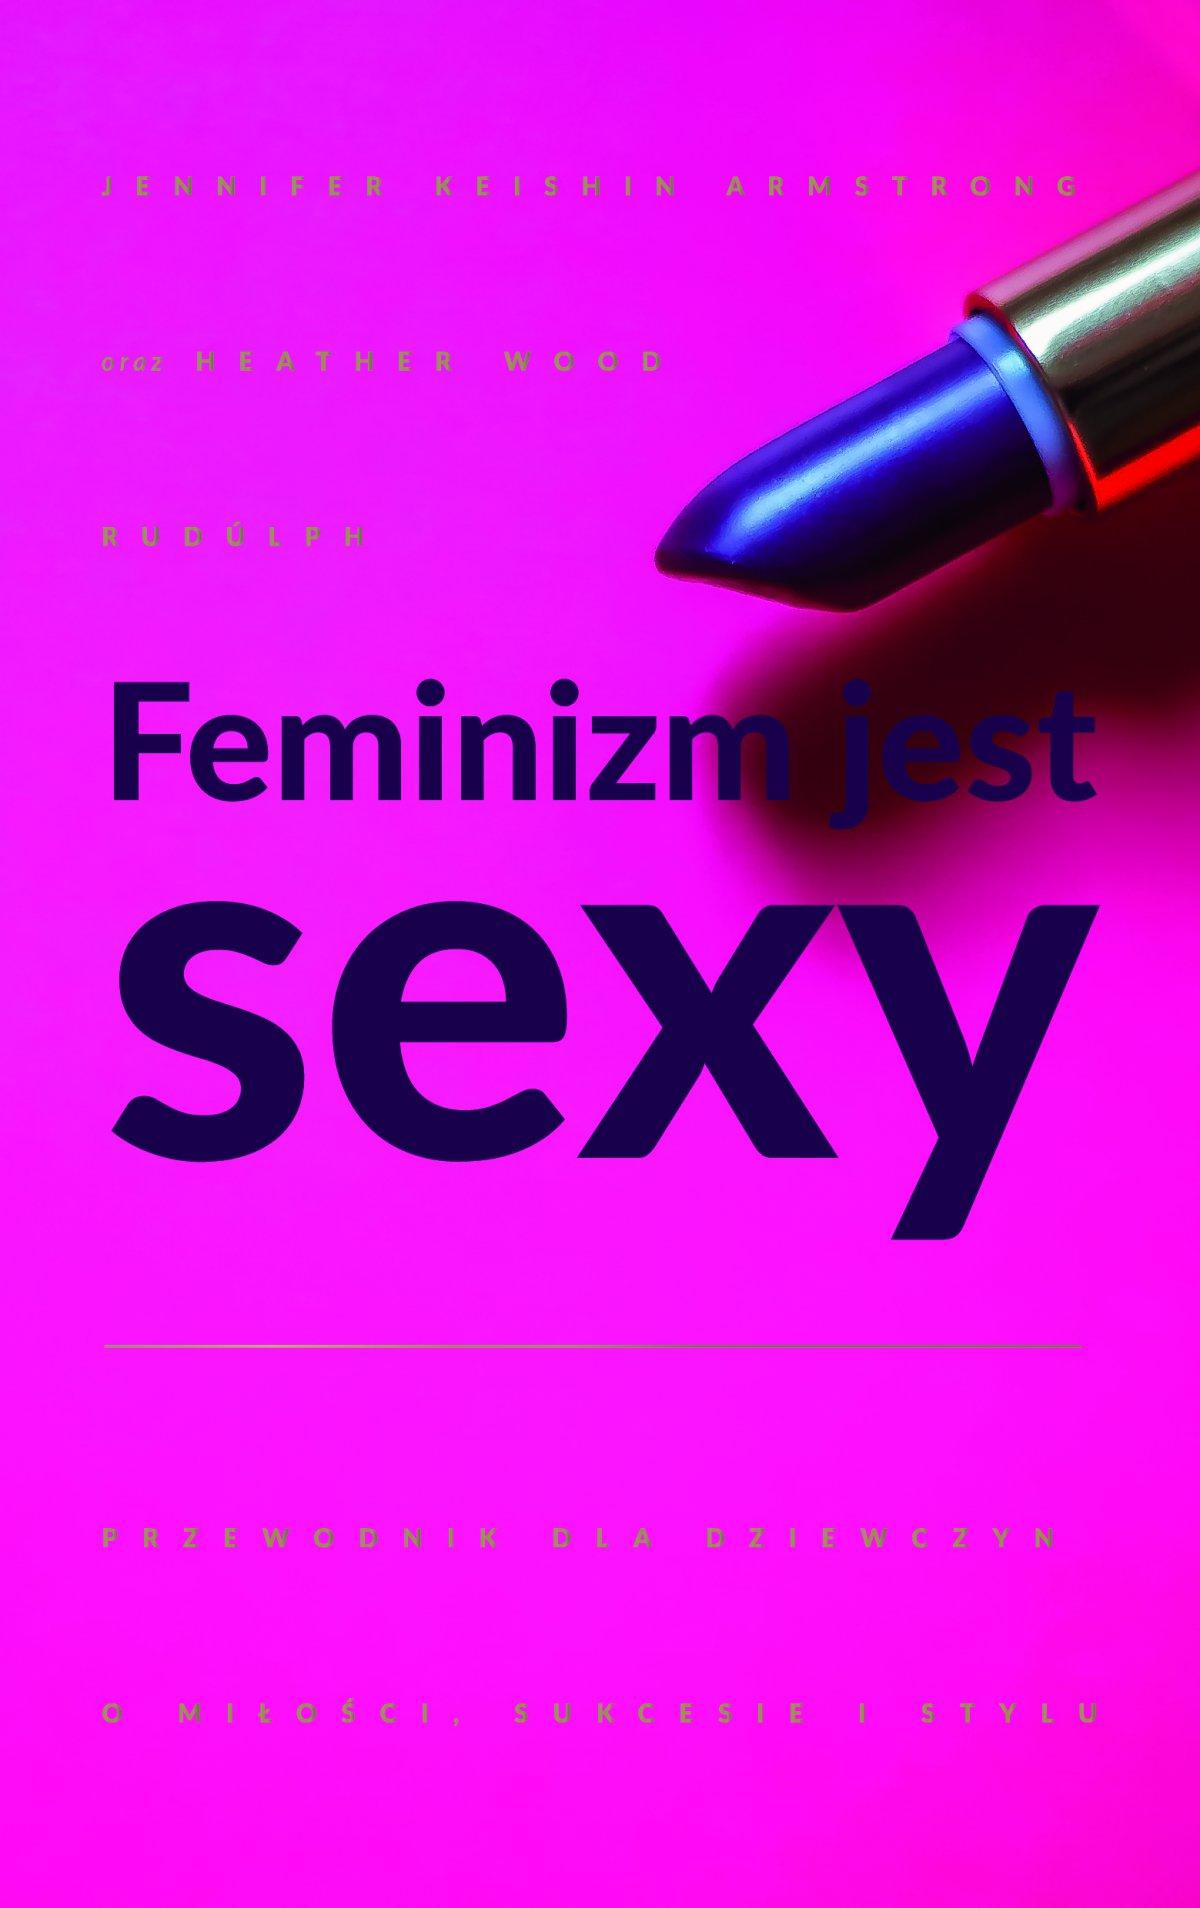 Feminizm jest sexy. Przewodnik dla dziewczyn o miłości, sukcesie i stylu - Ebook (Książka EPUB) do pobrania w formacie EPUB